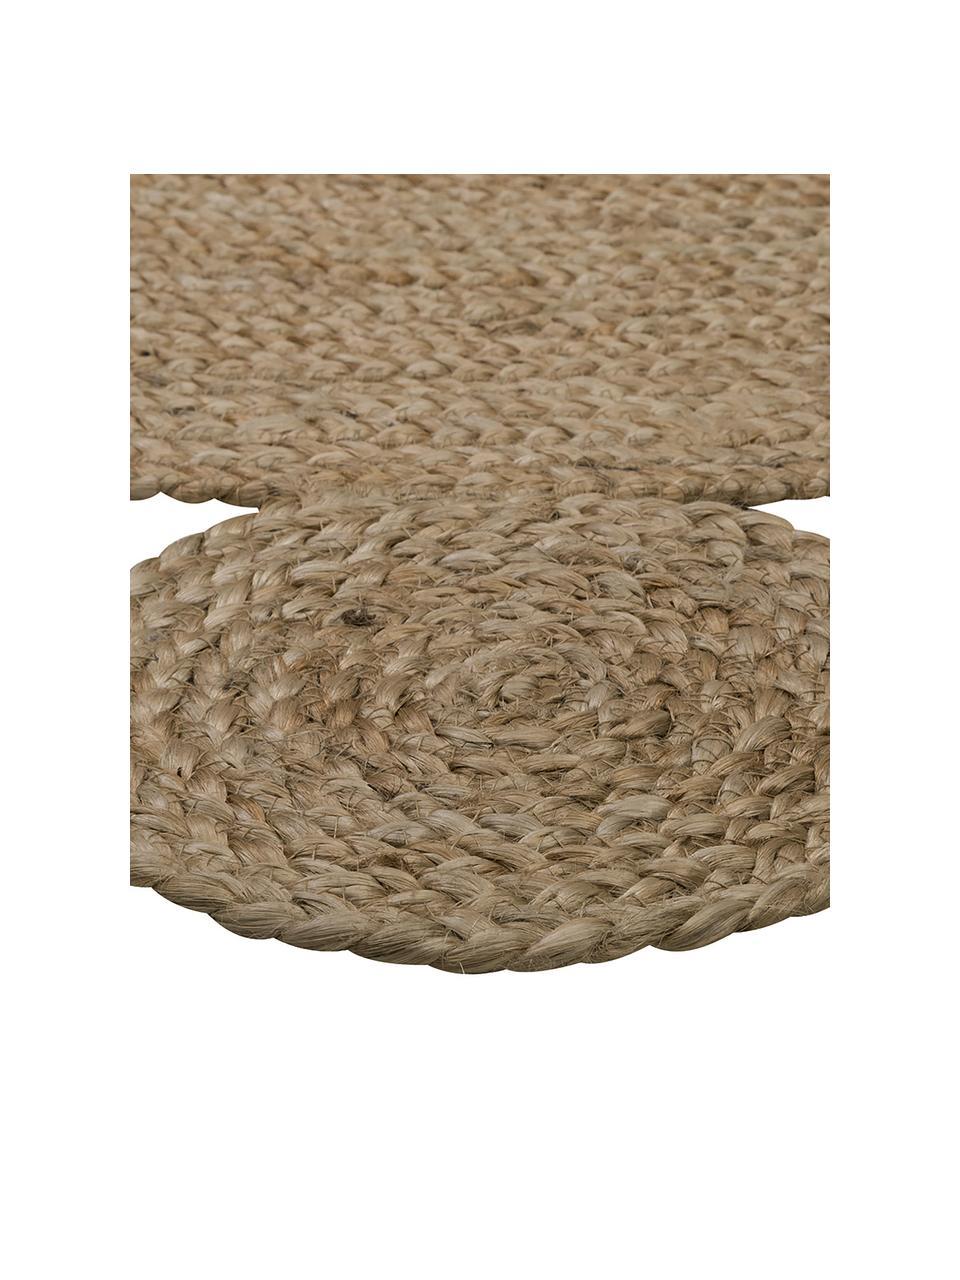 Runder Jute-Teppich Niago im Boho Style, handgefertigt, 100% Jute, Beige, Ø 150 cm (Größe M)